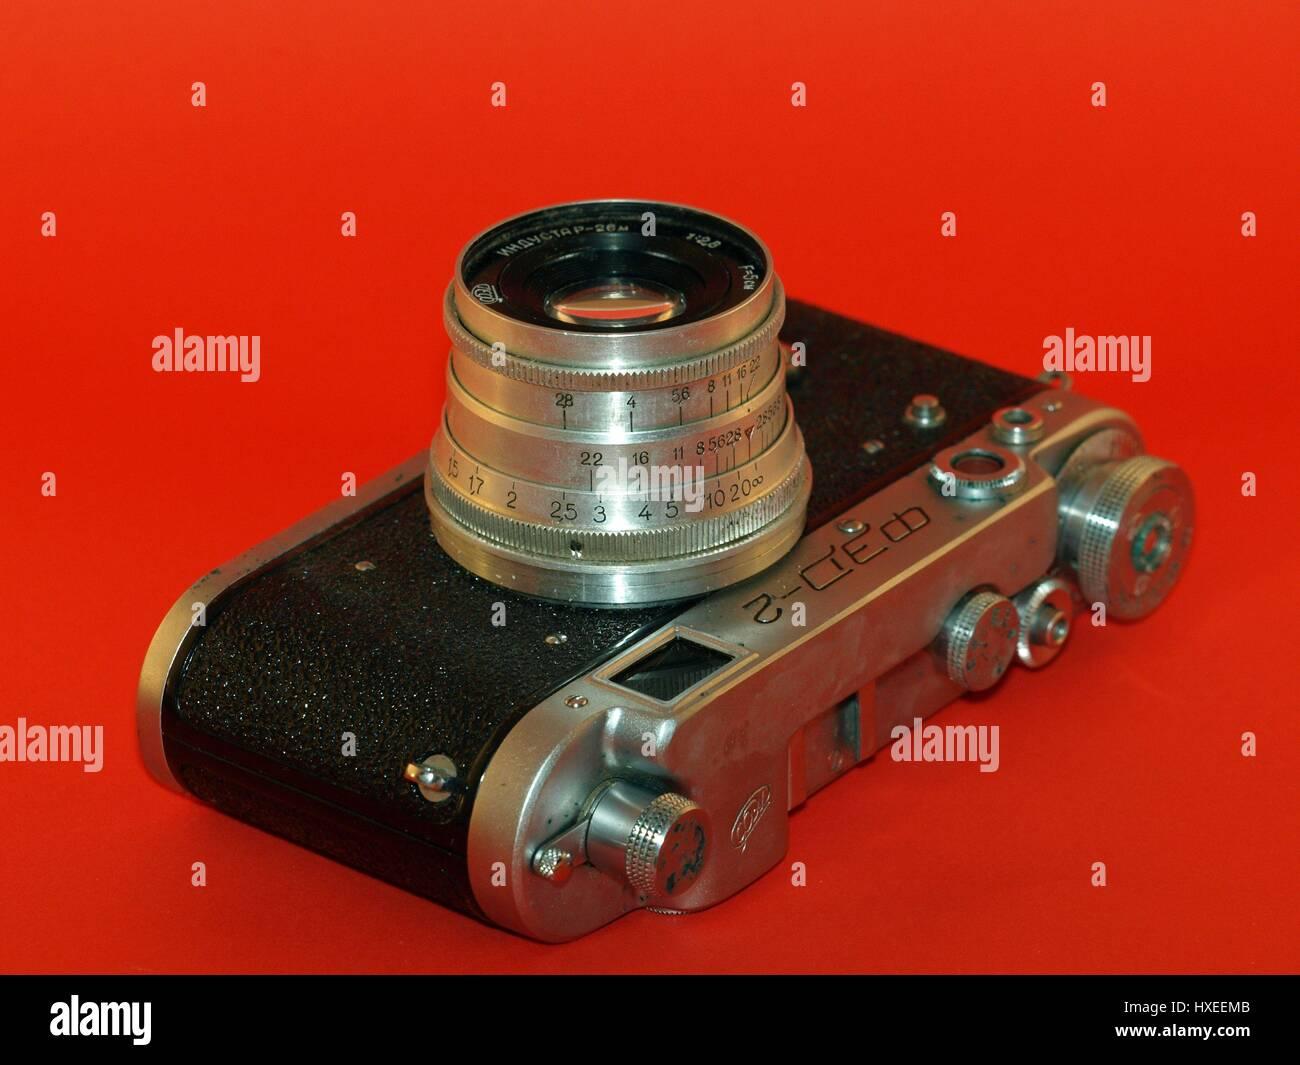 Antica telecamera con custodia in pelle su sfondo rosso Immagini Stock